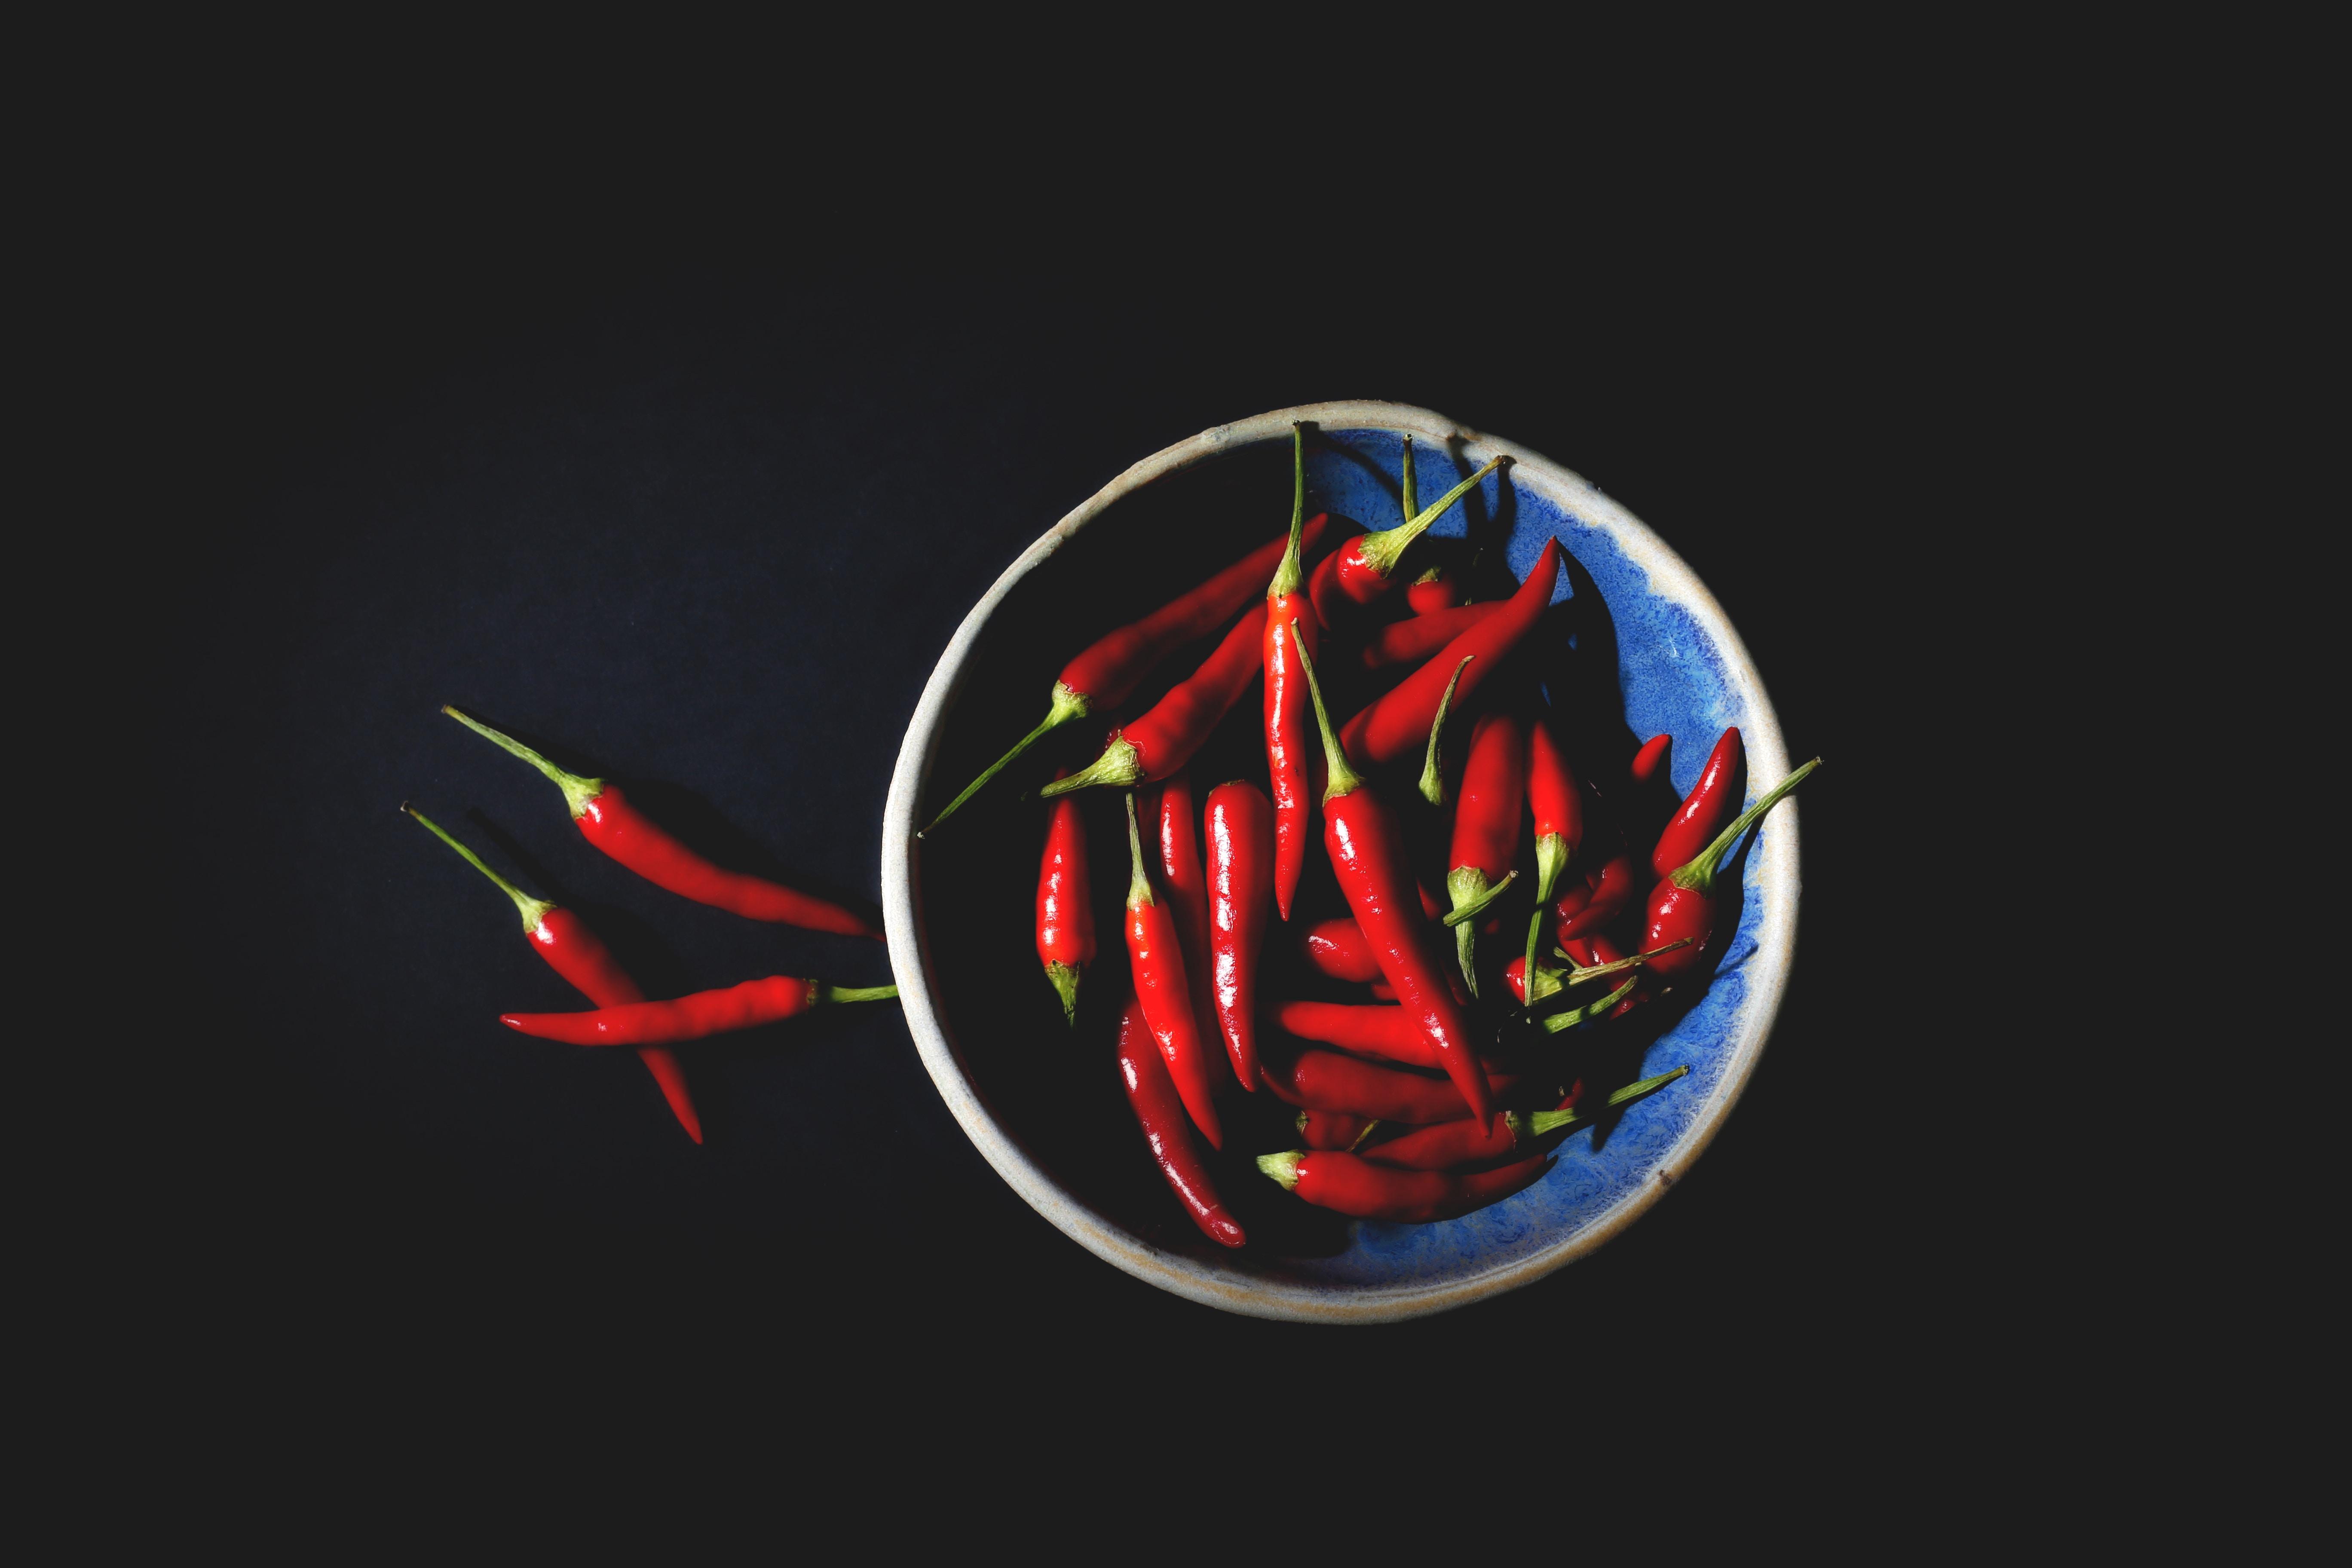 Kuchnia Meksykańska Charakterystyka Plusy I Minusy